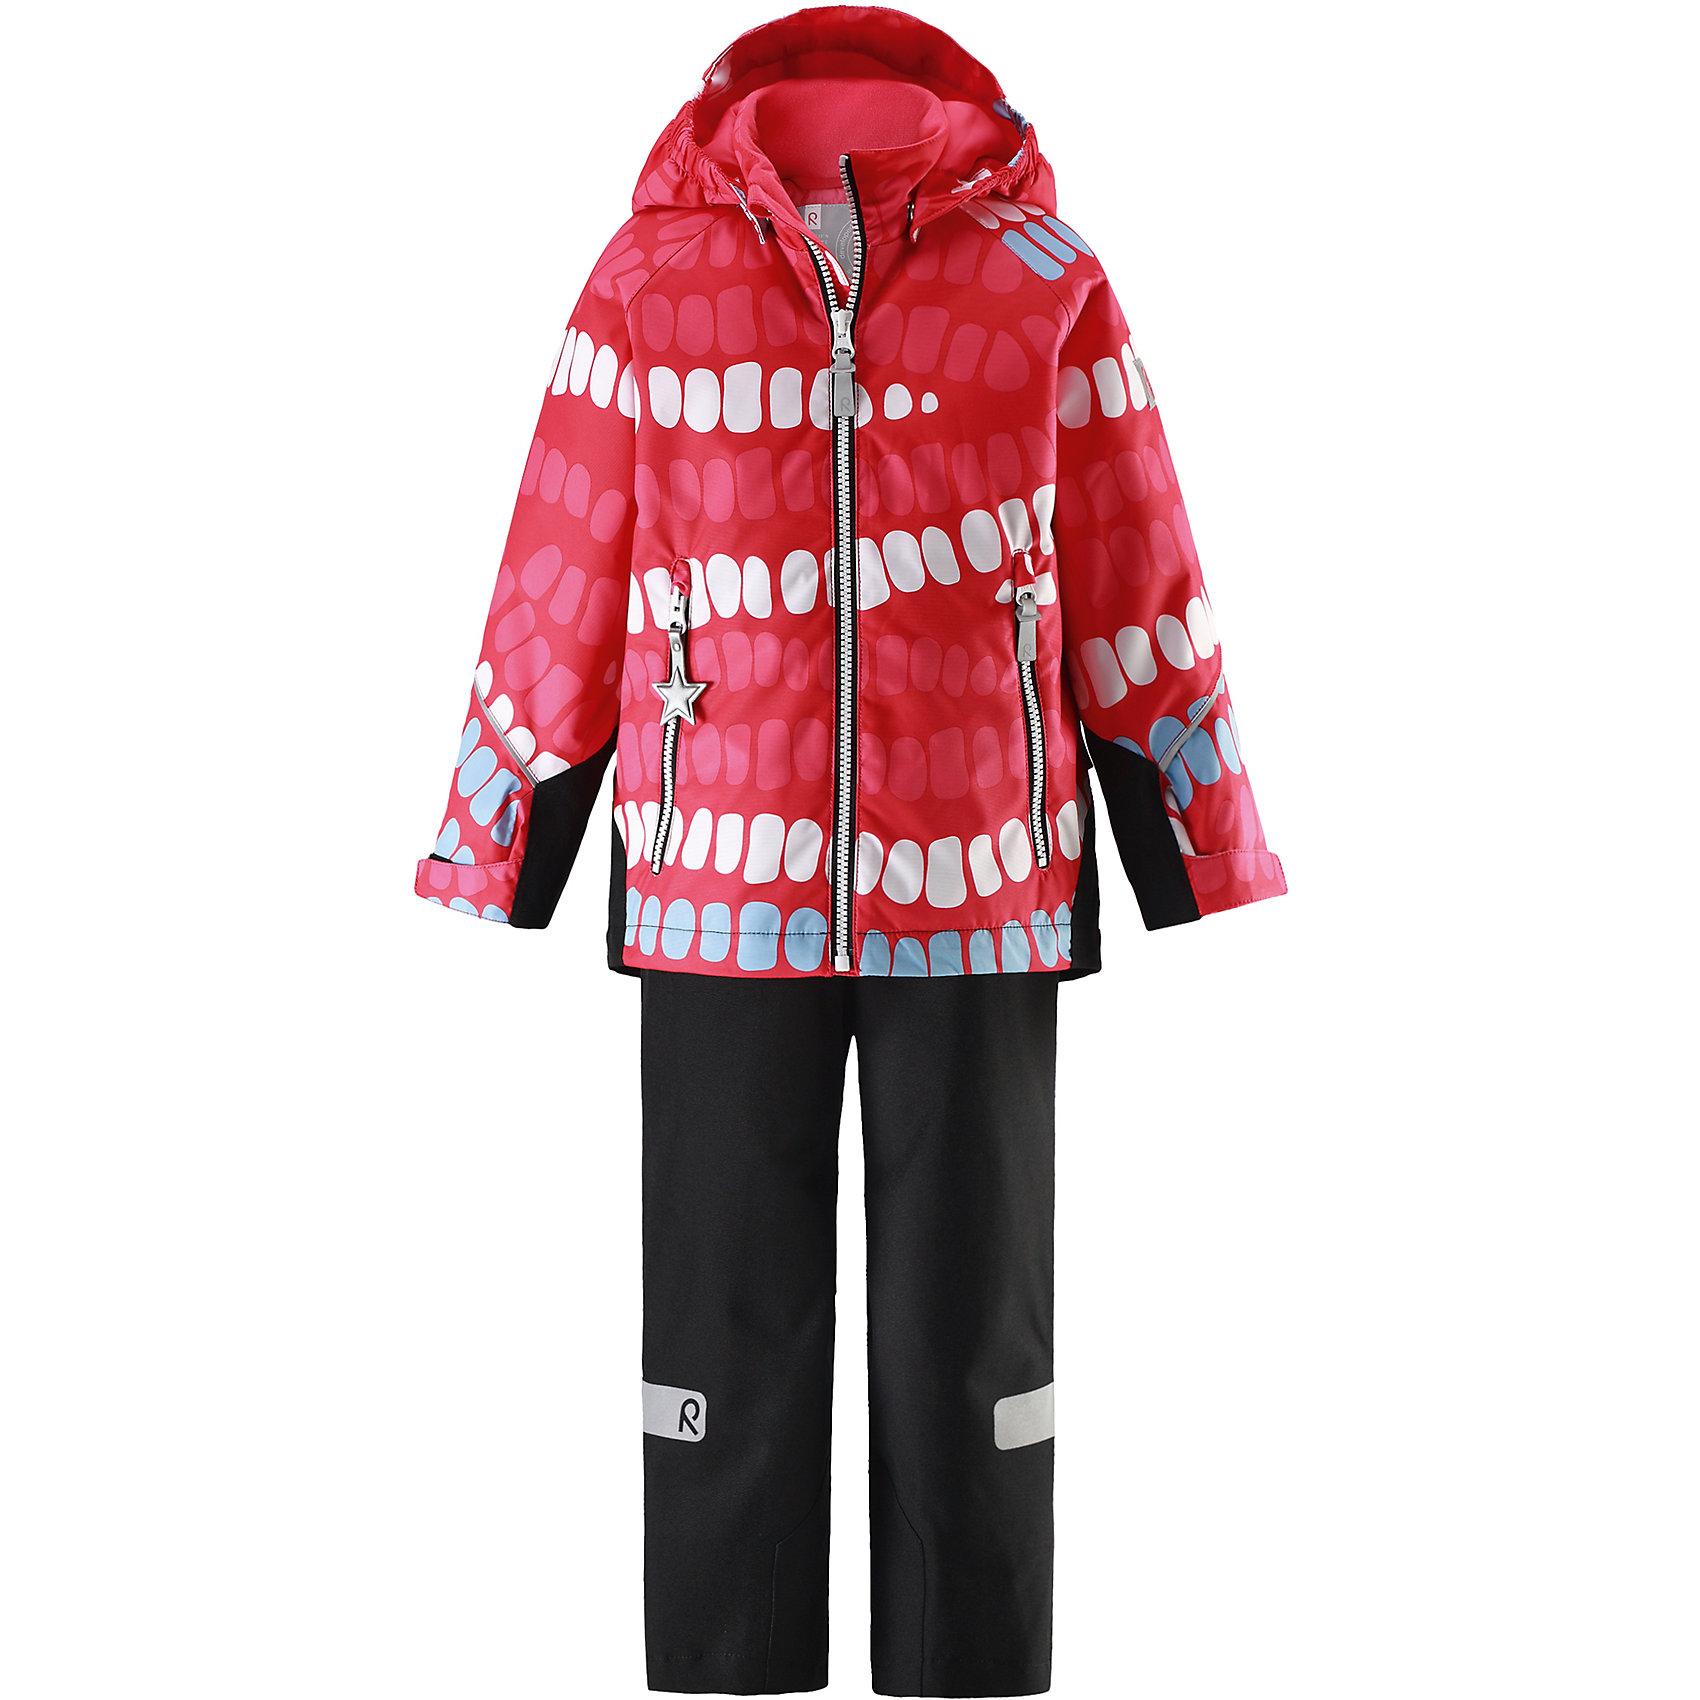 Комплект Kiddo Segel: куртка и брюки для девочки Reimatec® ReimaОдежда<br>Характеристики товара:<br><br>• цвет: красный/черный<br>• состав: 100% полиэстер, полиуретановое покрытие<br>• температурный режим: от 0° до +10°С<br>• легкий утеплитель: 80 гр/м2<br>• водонепроницаемость: куртка - 8000, брюки - 10000<br>• воздухопроницаемость: куртка - 5000, брюки - 3000 мм<br>• износостойкость: куртка - 30000, брюки - 50000 циклов (тест Мартиндейла)<br>• основные швы проклеены, водонепроницаемы<br>• водо- и ветронепроницаемый, дышащий, грязеотталкивающий материал<br>• подкладка из мягкого полиэстера<br>• прочные усиления на рукавах и спинке<br>• безопасный съёмный капюшон<br>• регулируемые манжеты на застёжке-липучке <br>• регулируемый подол<br>• регулируемые концы брючин со снегозащитой<br>• комфортная посадка<br>• два кармана на молнии<br>• светоотражающие детали<br>• страна производства: Китай<br>• страна бренда: Финляндия<br>• коллекция: весна-лето 2017<br><br>Демисезонный комплект из куртки и штанов поможет обеспечить ребенку комфорт и тепло. Предметы отлично смотрятся с различной одеждой. Комплект удобно сидит и модно выглядит. Материал отлично подходит для дождливой погоды. Стильный дизайн разрабатывался специально для детей.<br><br>Обувь и одежда от финского бренда Reima пользуются популярностью во многих странах. Они стильные, качественные и удобные. Для производства продукции используются только безопасные, проверенные материалы и фурнитура.<br><br>Комплект: куртка и брюки для девочки Reimatec® от финского бренда Reima (Рейма) можно купить в нашем интернет-магазине.<br><br>Ширина мм: 356<br>Глубина мм: 10<br>Высота мм: 245<br>Вес г: 519<br>Цвет: красный<br>Возраст от месяцев: 96<br>Возраст до месяцев: 108<br>Пол: Женский<br>Возраст: Детский<br>Размер: 134,122,116,128,110,104,98,92,140<br>SKU: 5266070